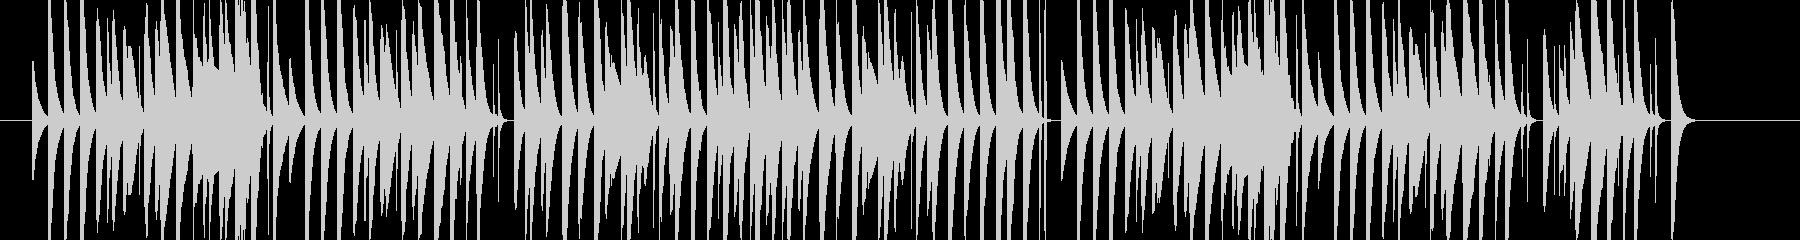 小動物っぽさのあるかわいいマリンバソロの未再生の波形